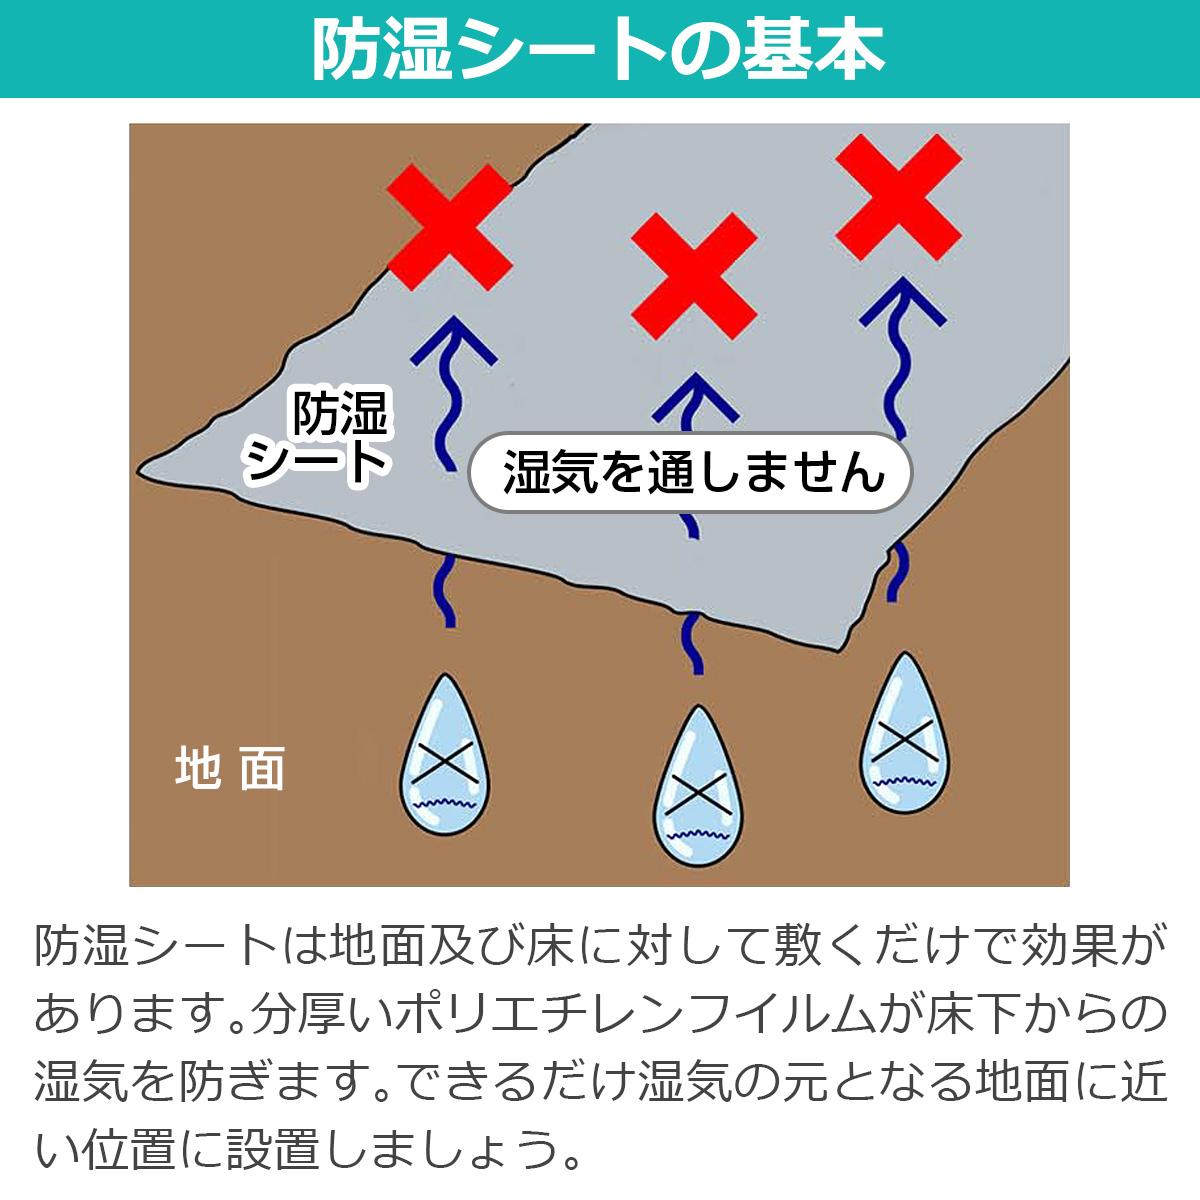 防湿シートの基本 防湿シートは地面及び床に対して敷くだけで効果があります。分厚いポリエチレンフィルムが床下からの湿気を防ぎます。できるだけ湿気の元となる地面に近い位置に設置しましょう